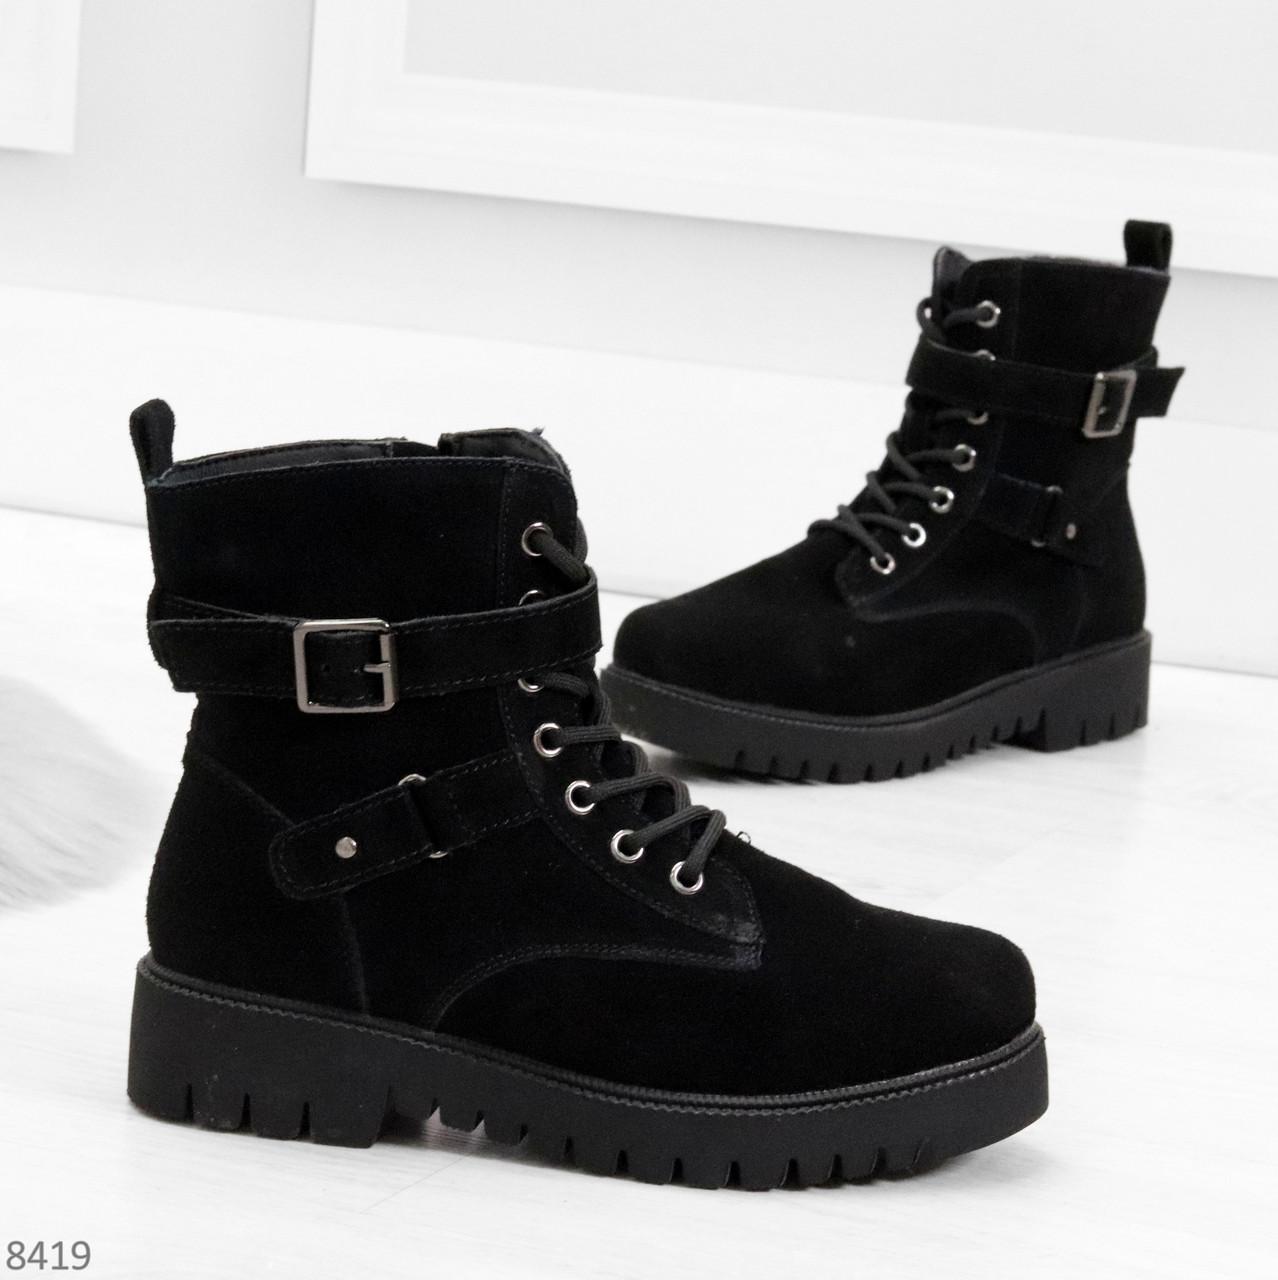 Повседневные замшевые черные женские зимние ботинки на низком ходу